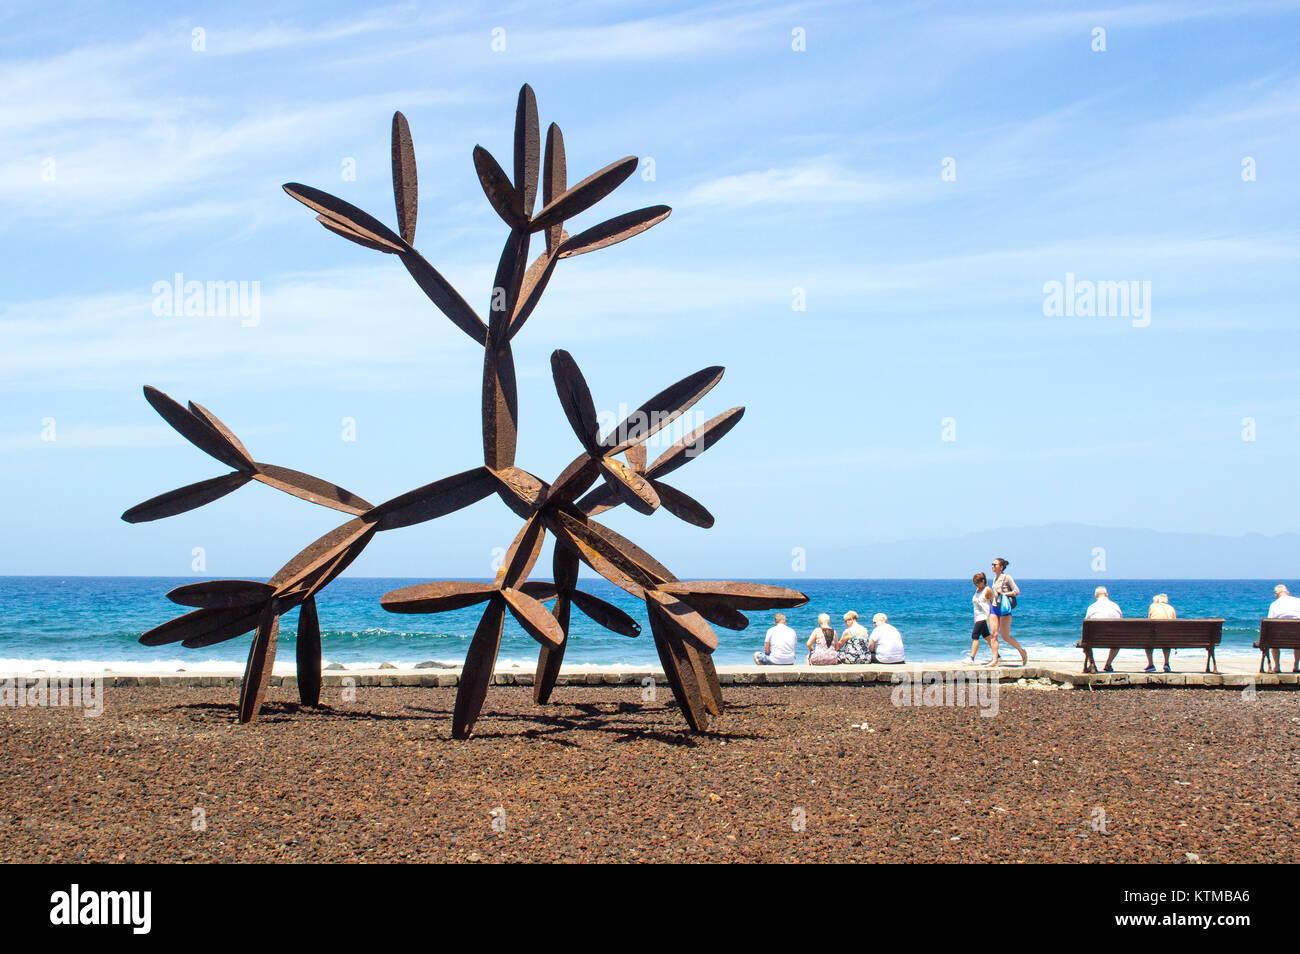 Touristen neben dem großen Stahl cactus Skulptur an der Promenade der Kanarischen Inseln Playa de las Americas Teneriffe Stockfoto